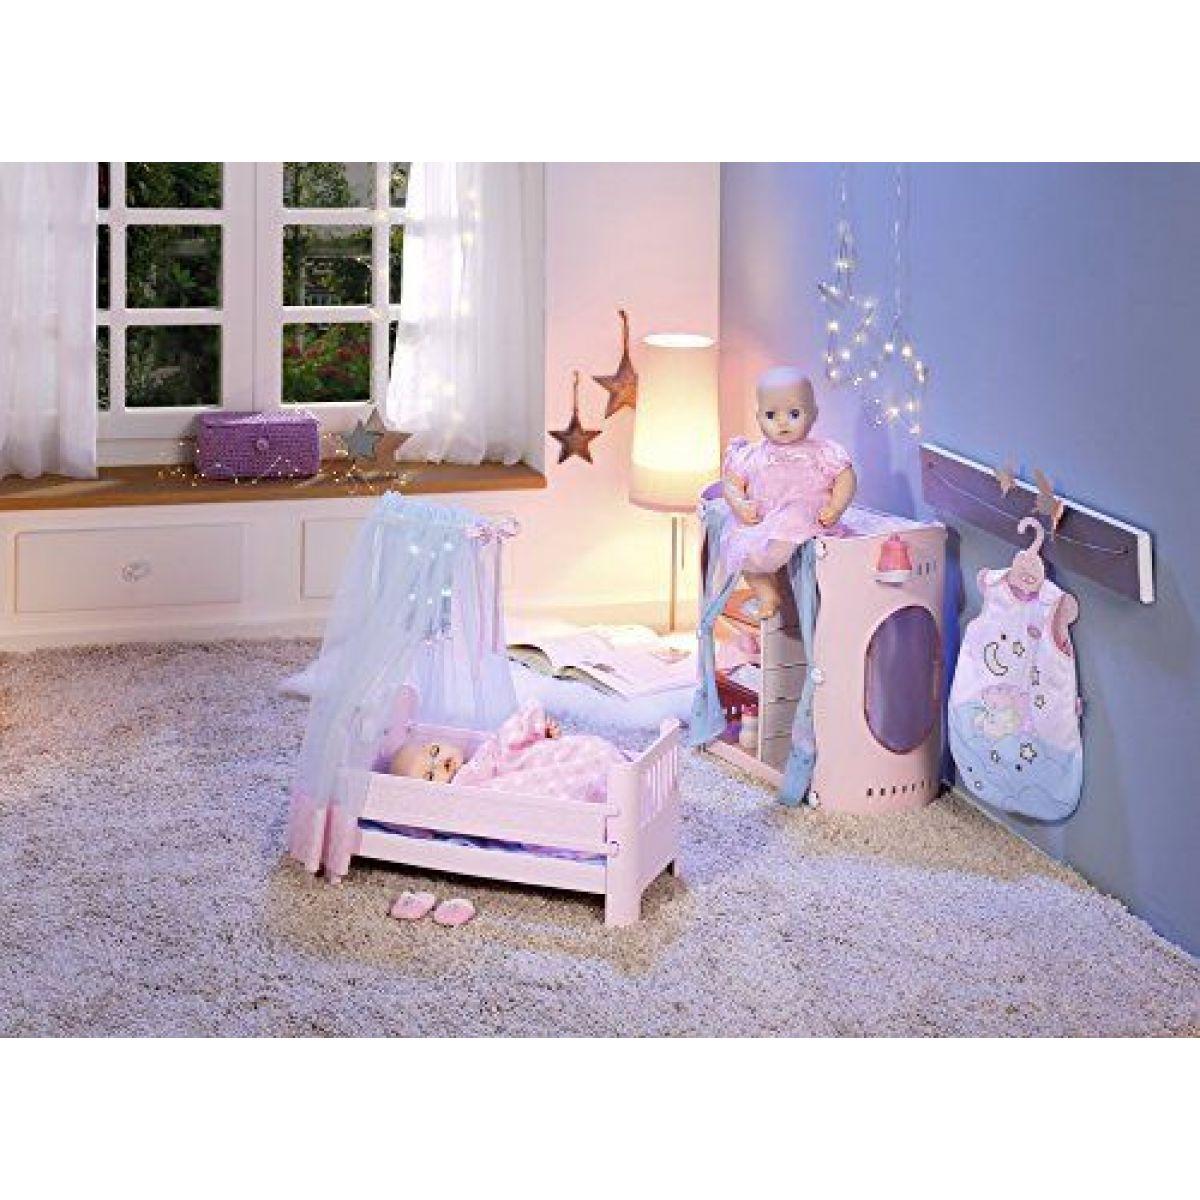 Zapf Creation Baby Annabell Spaci pytel Sladke sny #5